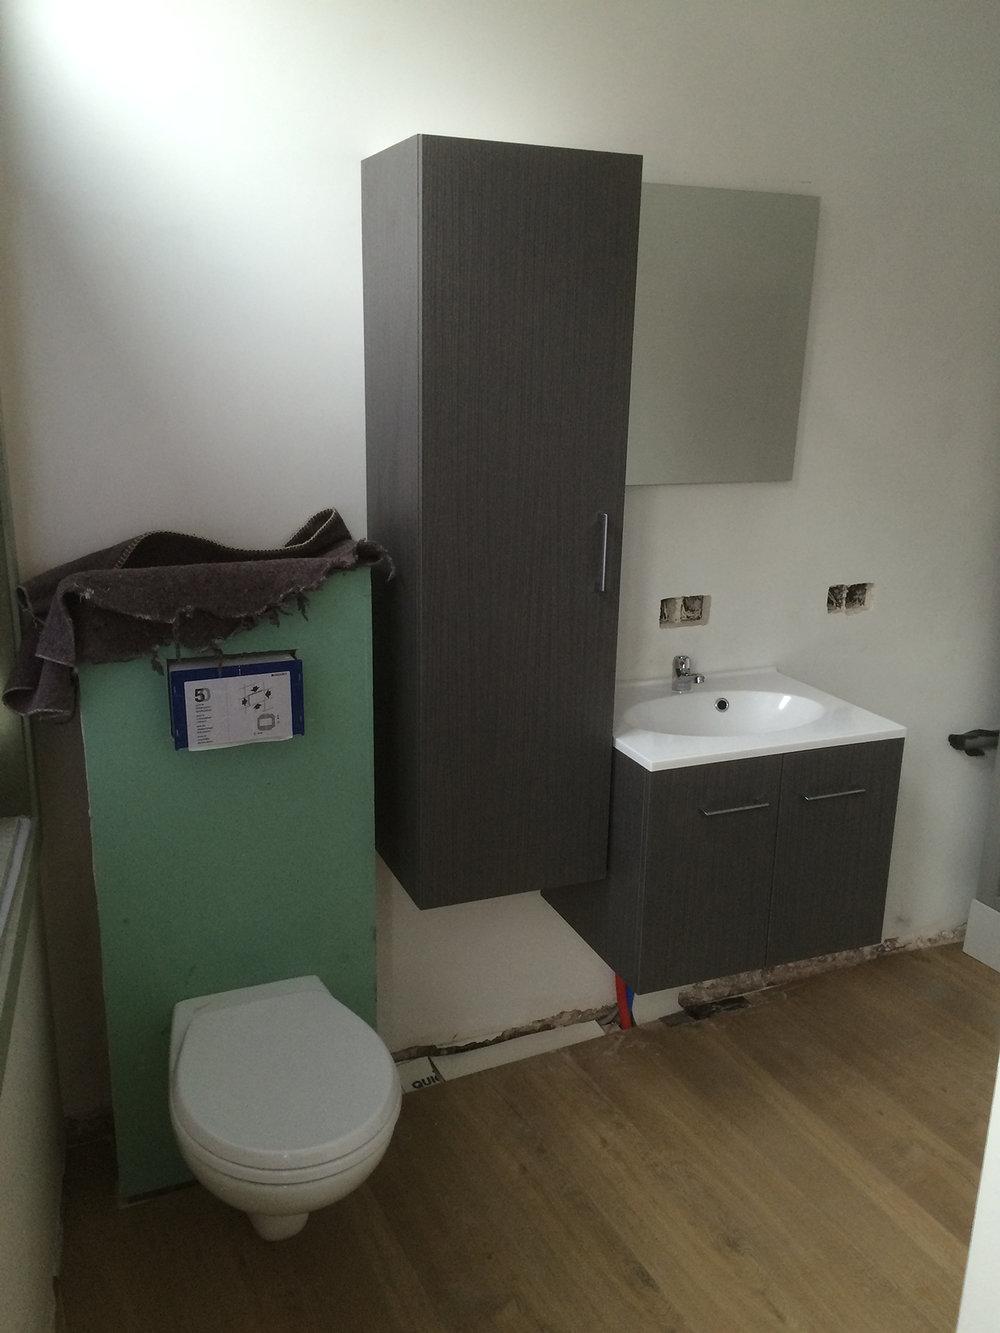 Totaalrenovatie Brugge - badkamerrenovatie.jpg